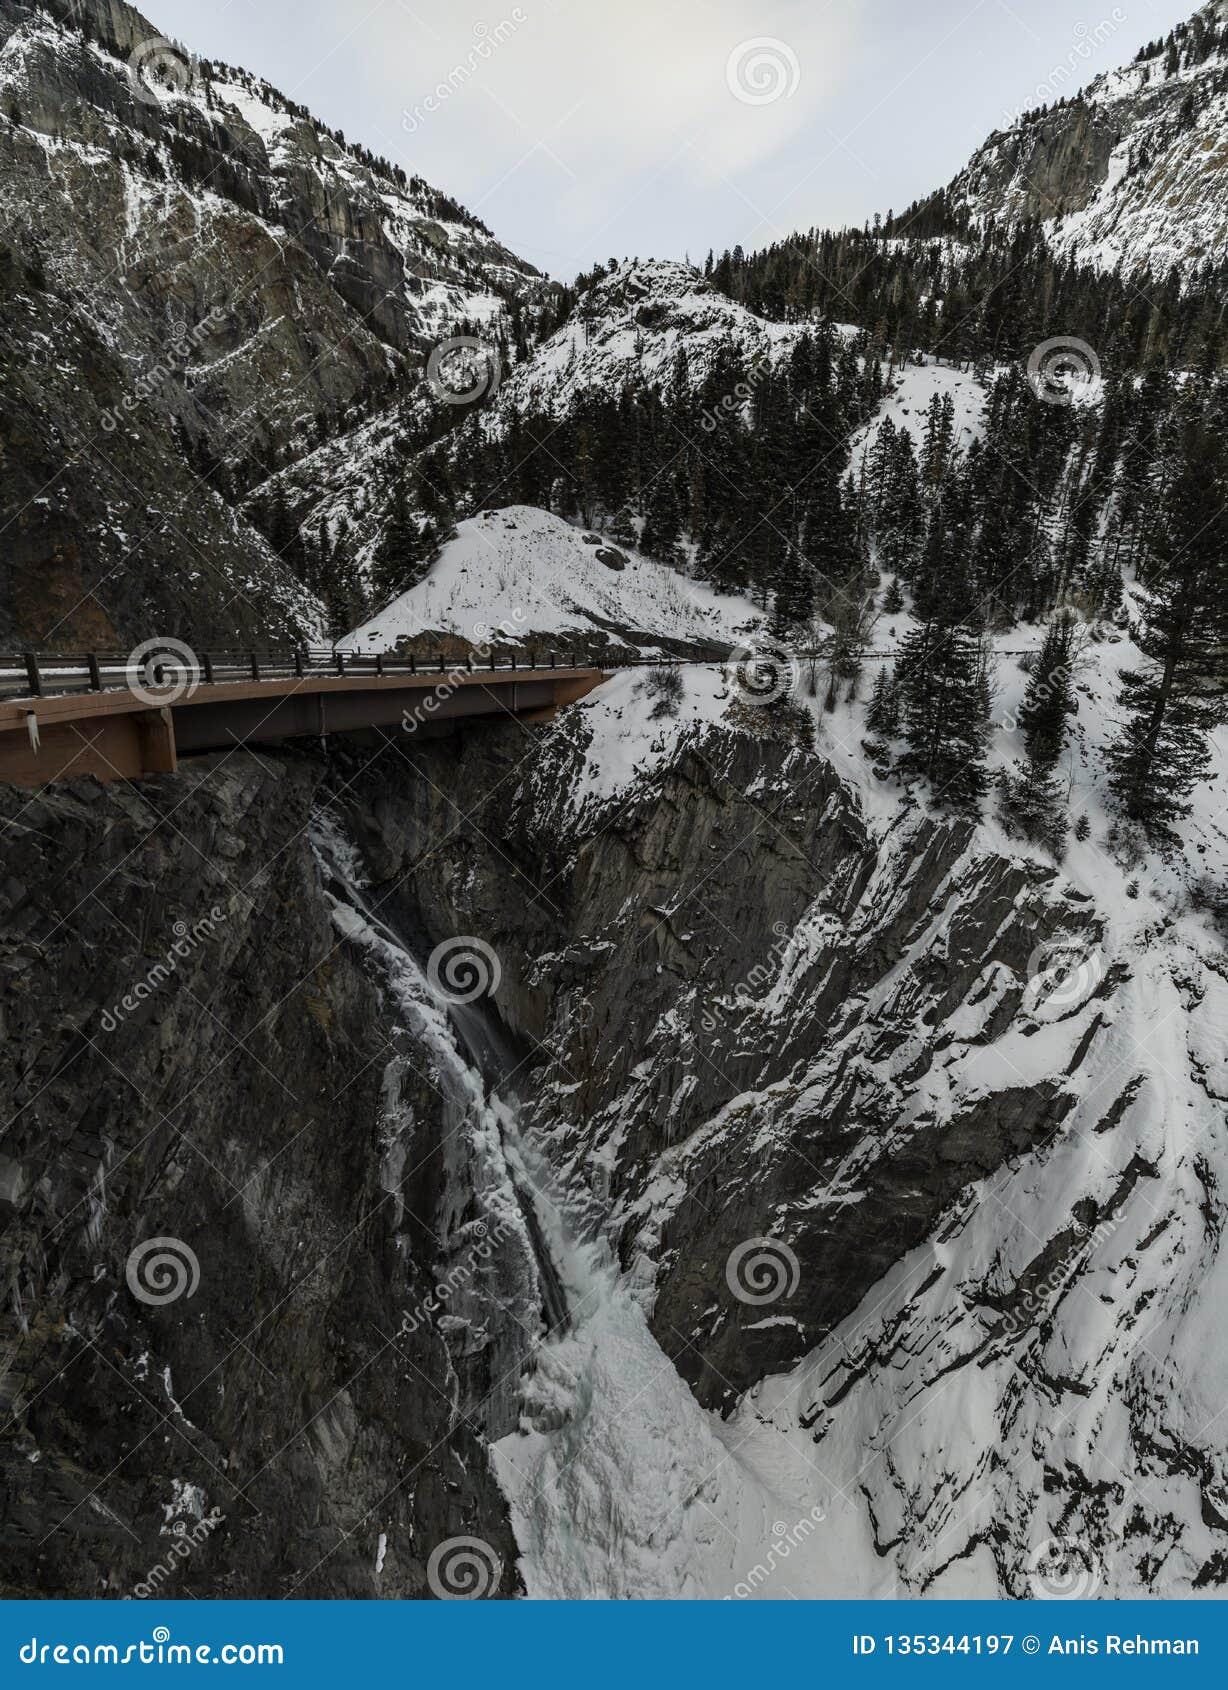 Cachoeira, Colorado, co, EUA, curso, estrada, tardio, nivelando o tiro, exposição longa